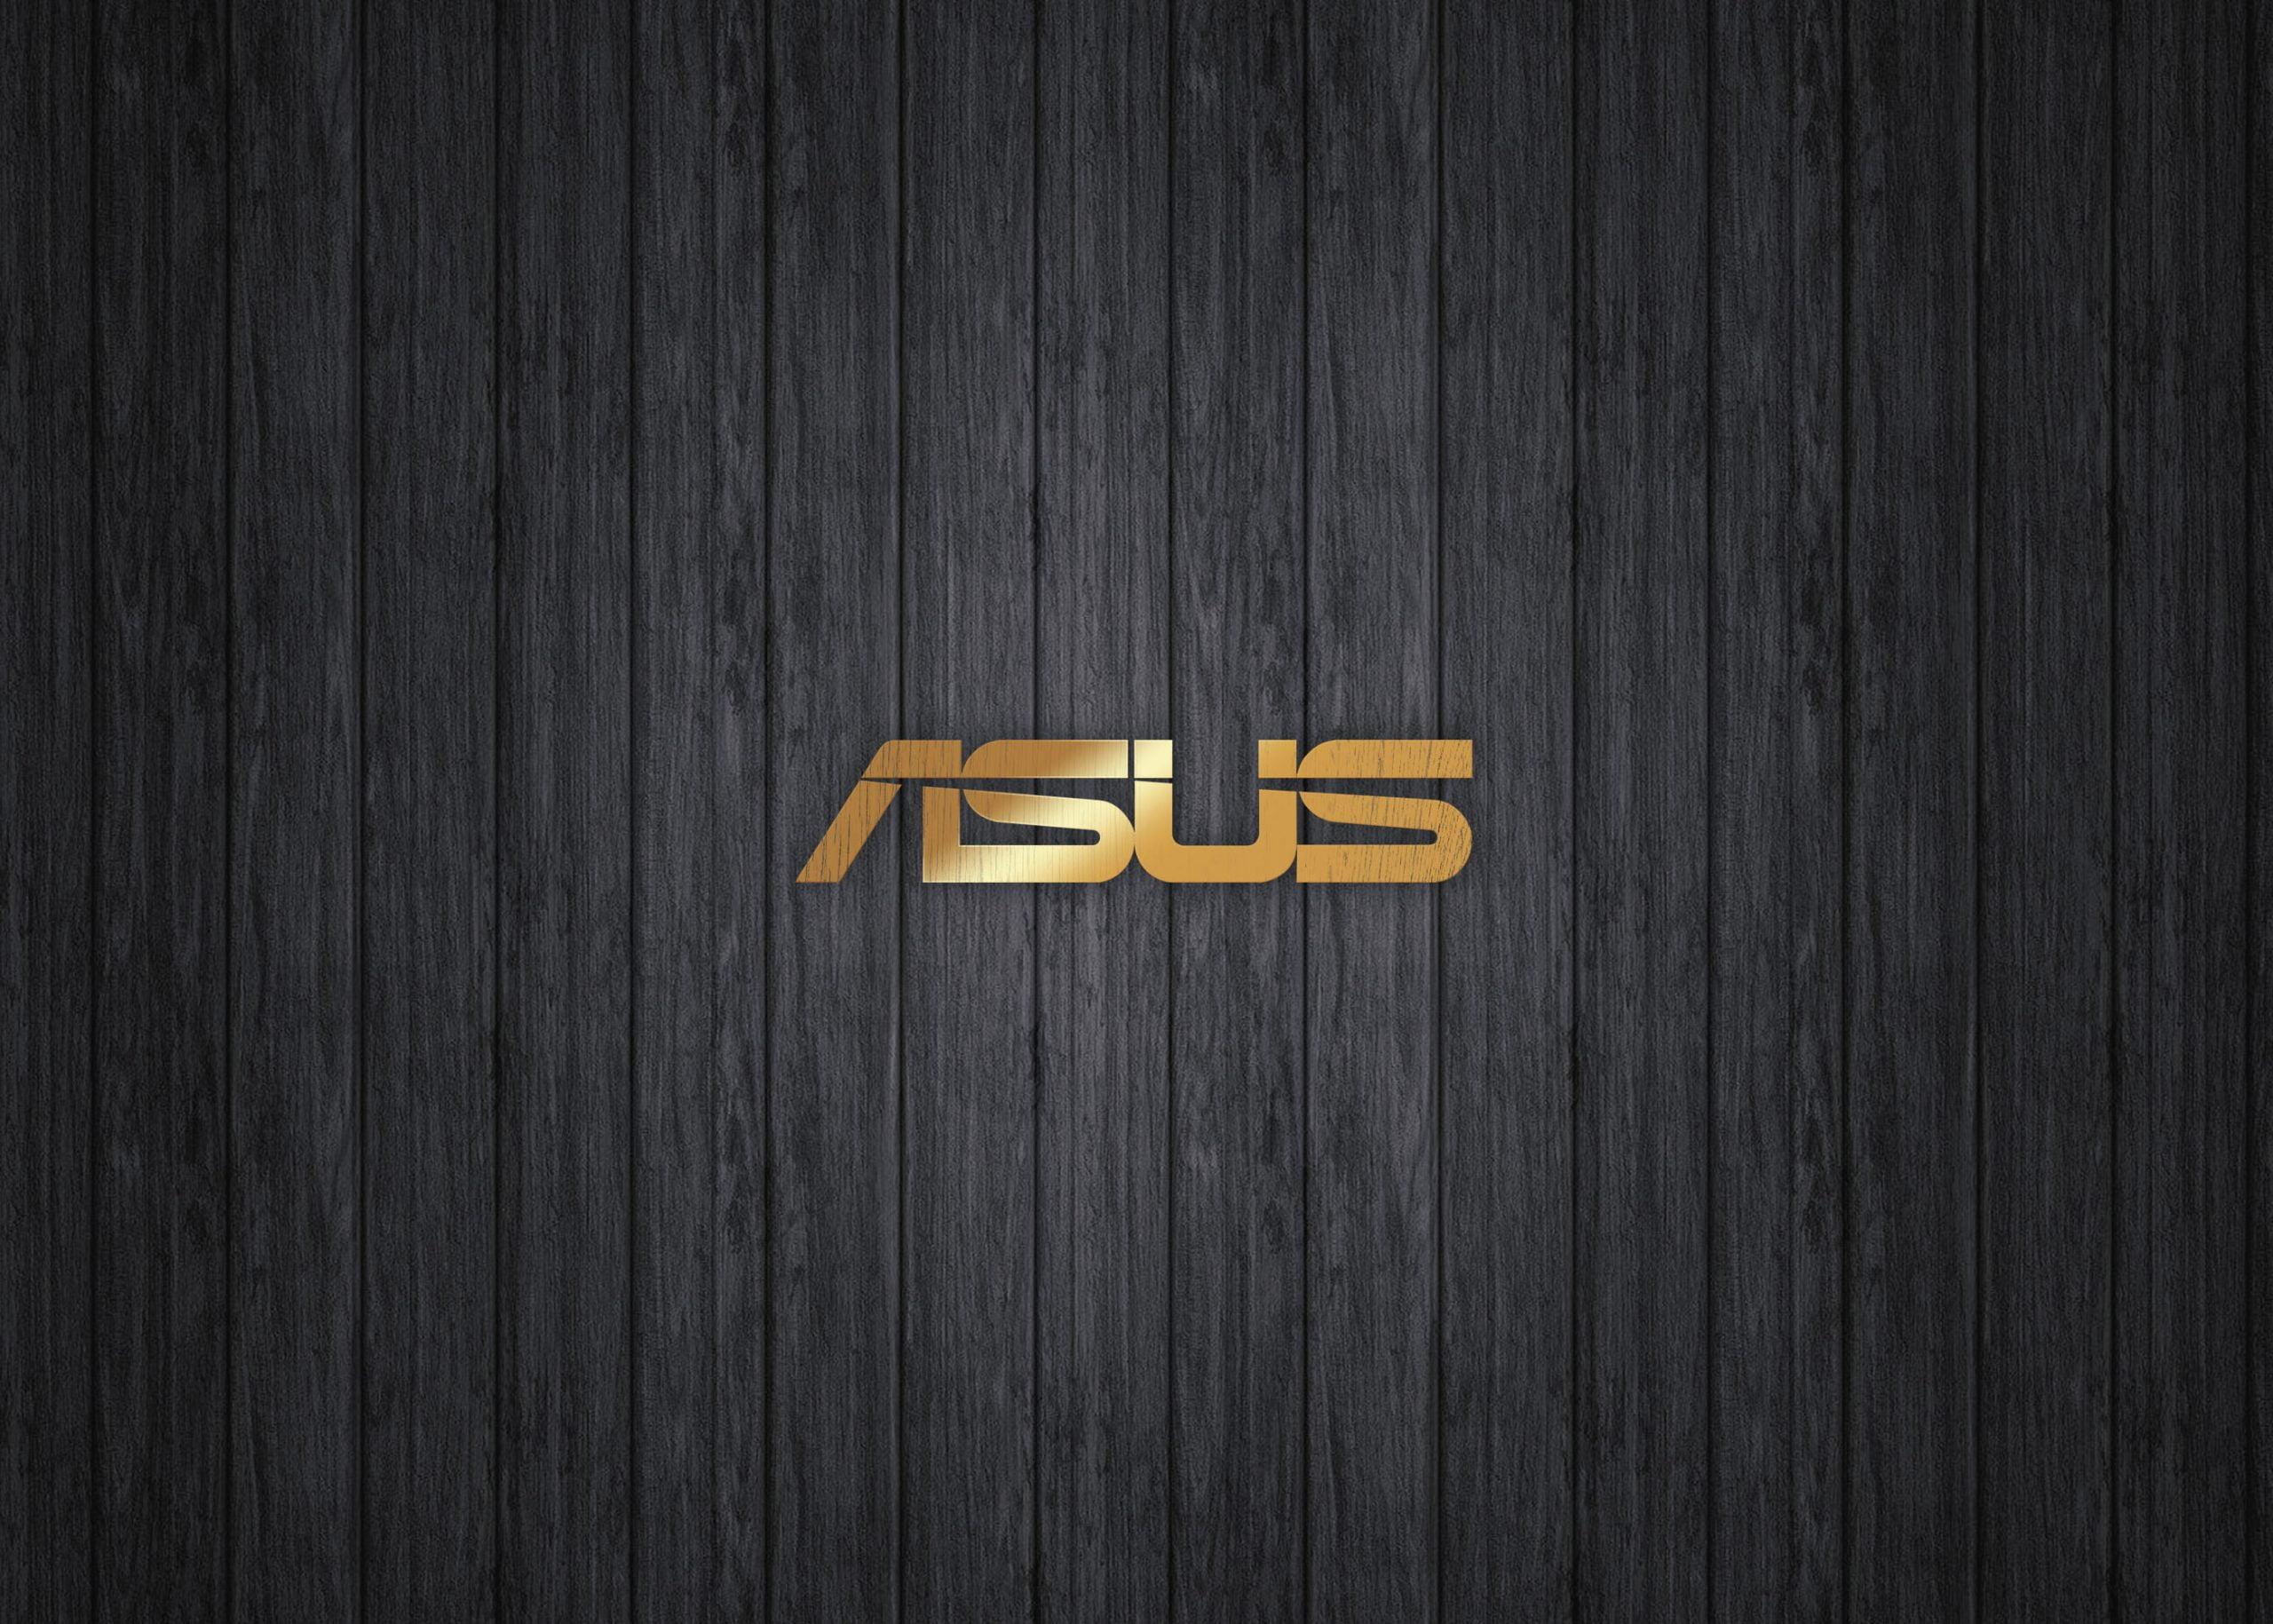 Asus Logo on luxury gold mockup